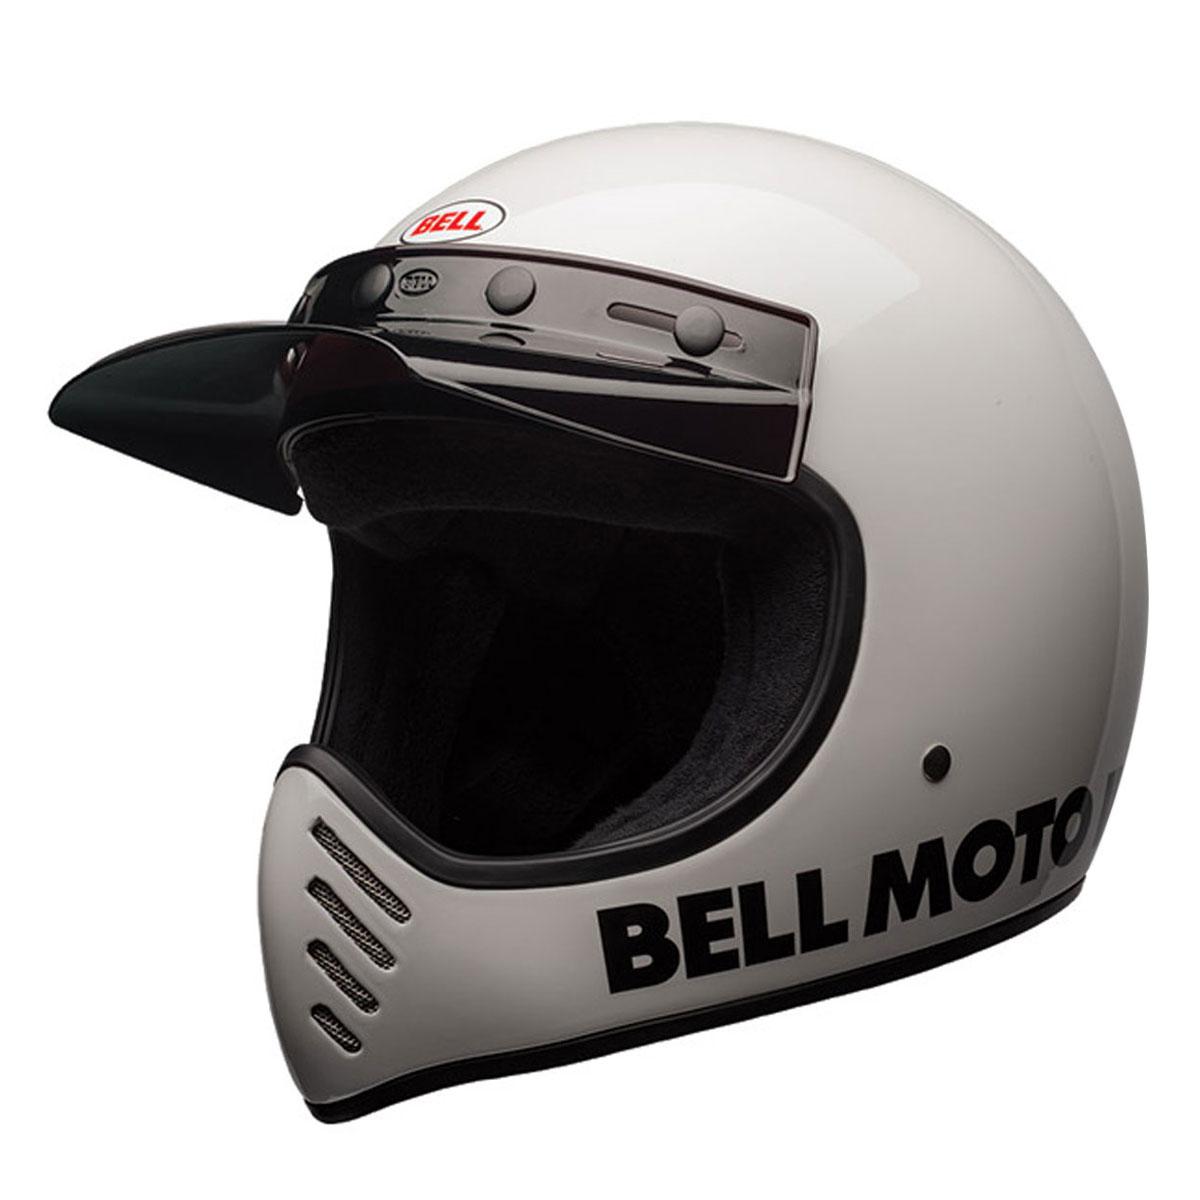 Bell Moto 3 >> Bell Moto 3 Classic White Full Face Helmet 7080632 Jpcycles Com